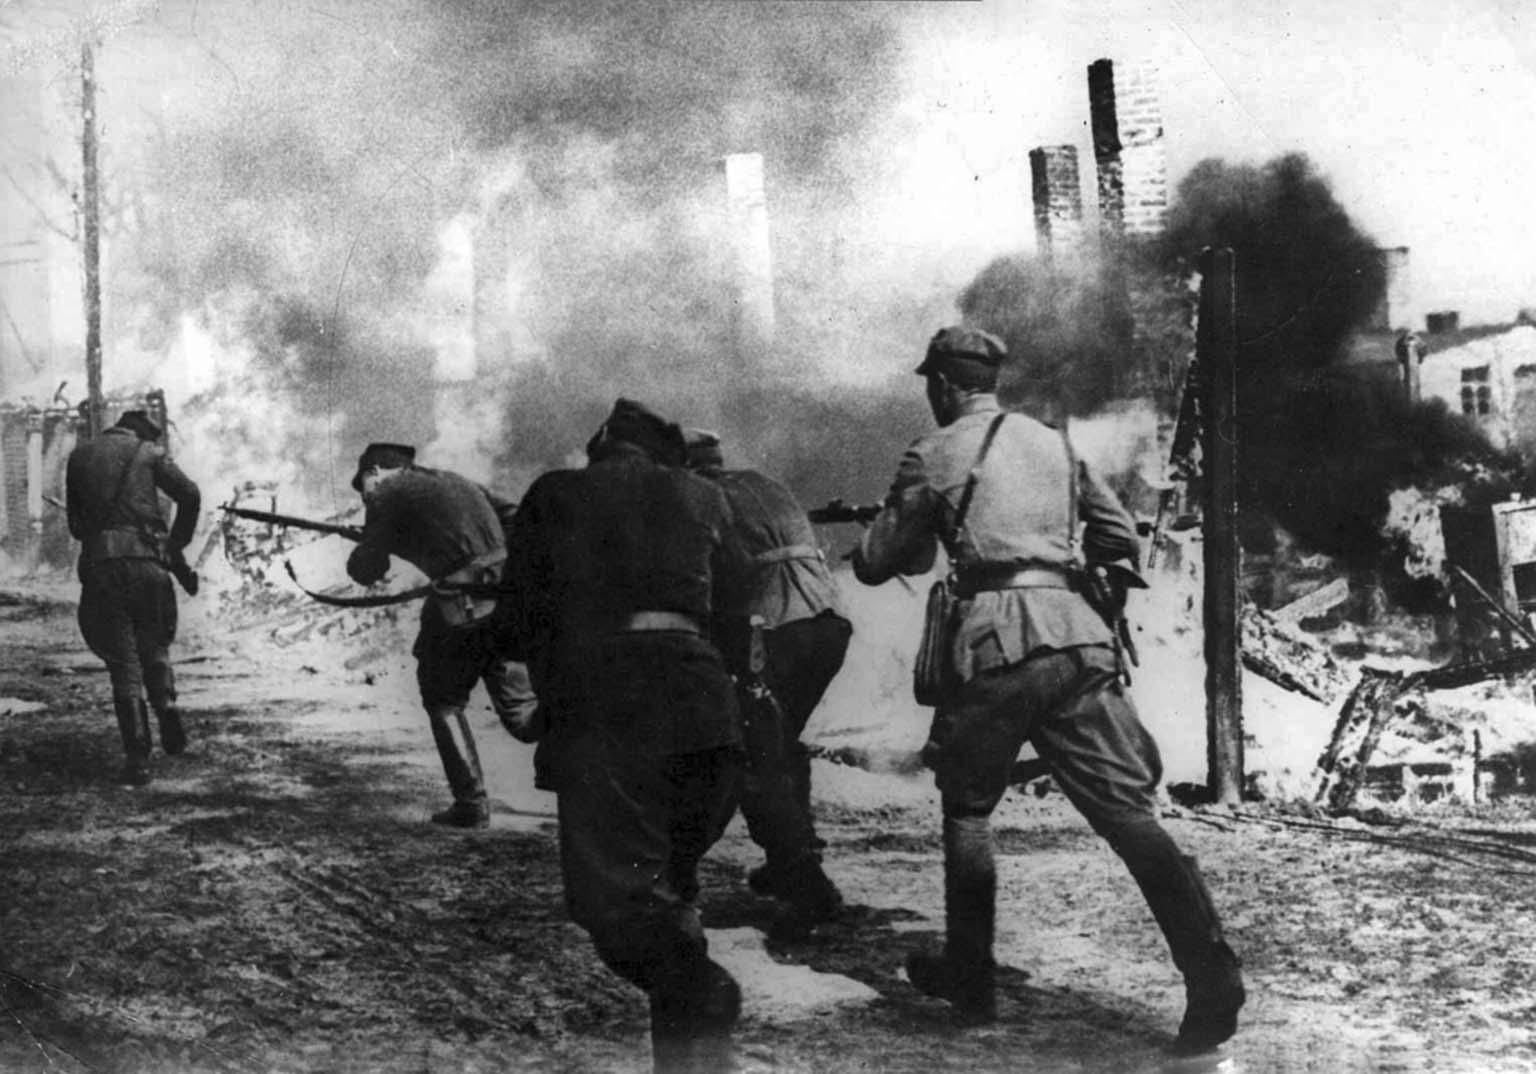 First Polish Army